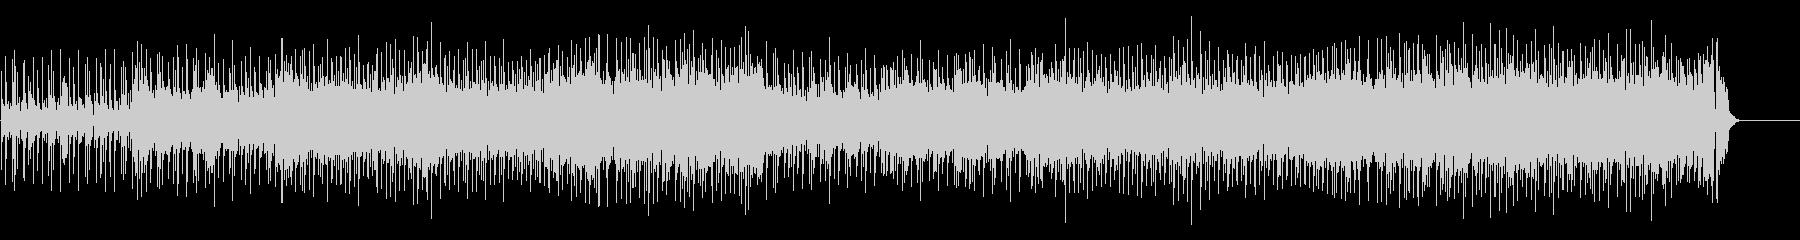 壮快で刺激的なロック・アンサンブルの未再生の波形